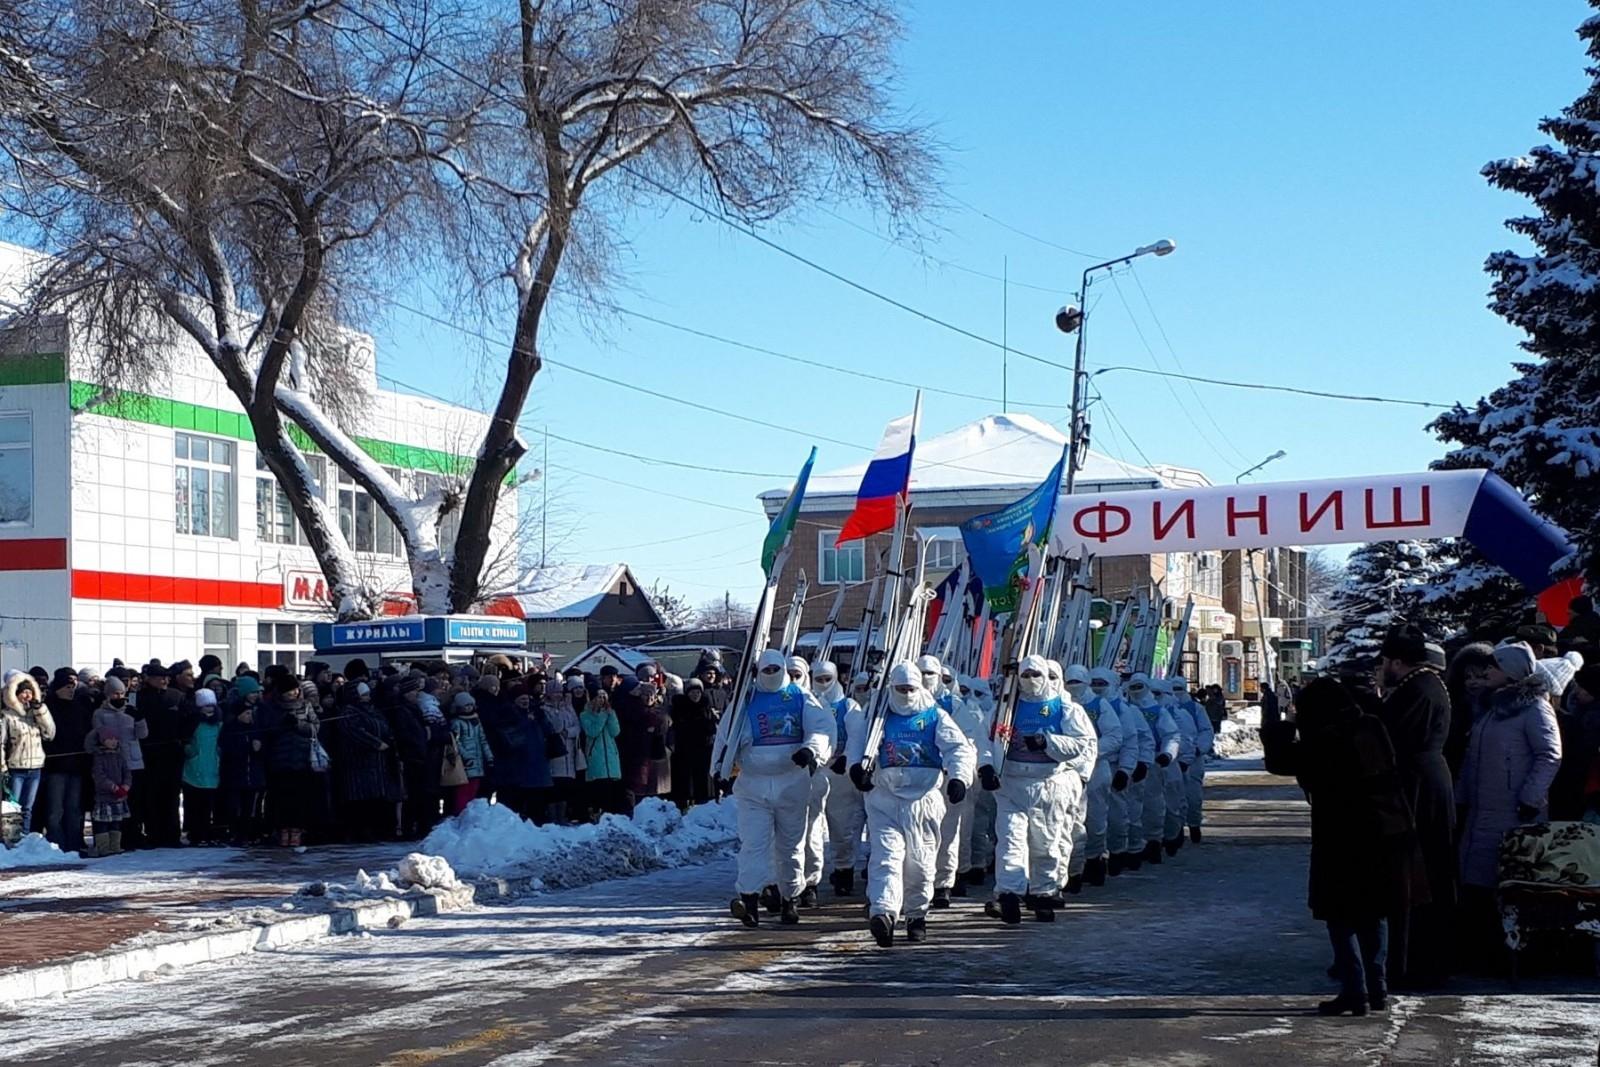 Участников марш-броска ВДВ встретили более пяти тысяч жителей станицы Тацинской